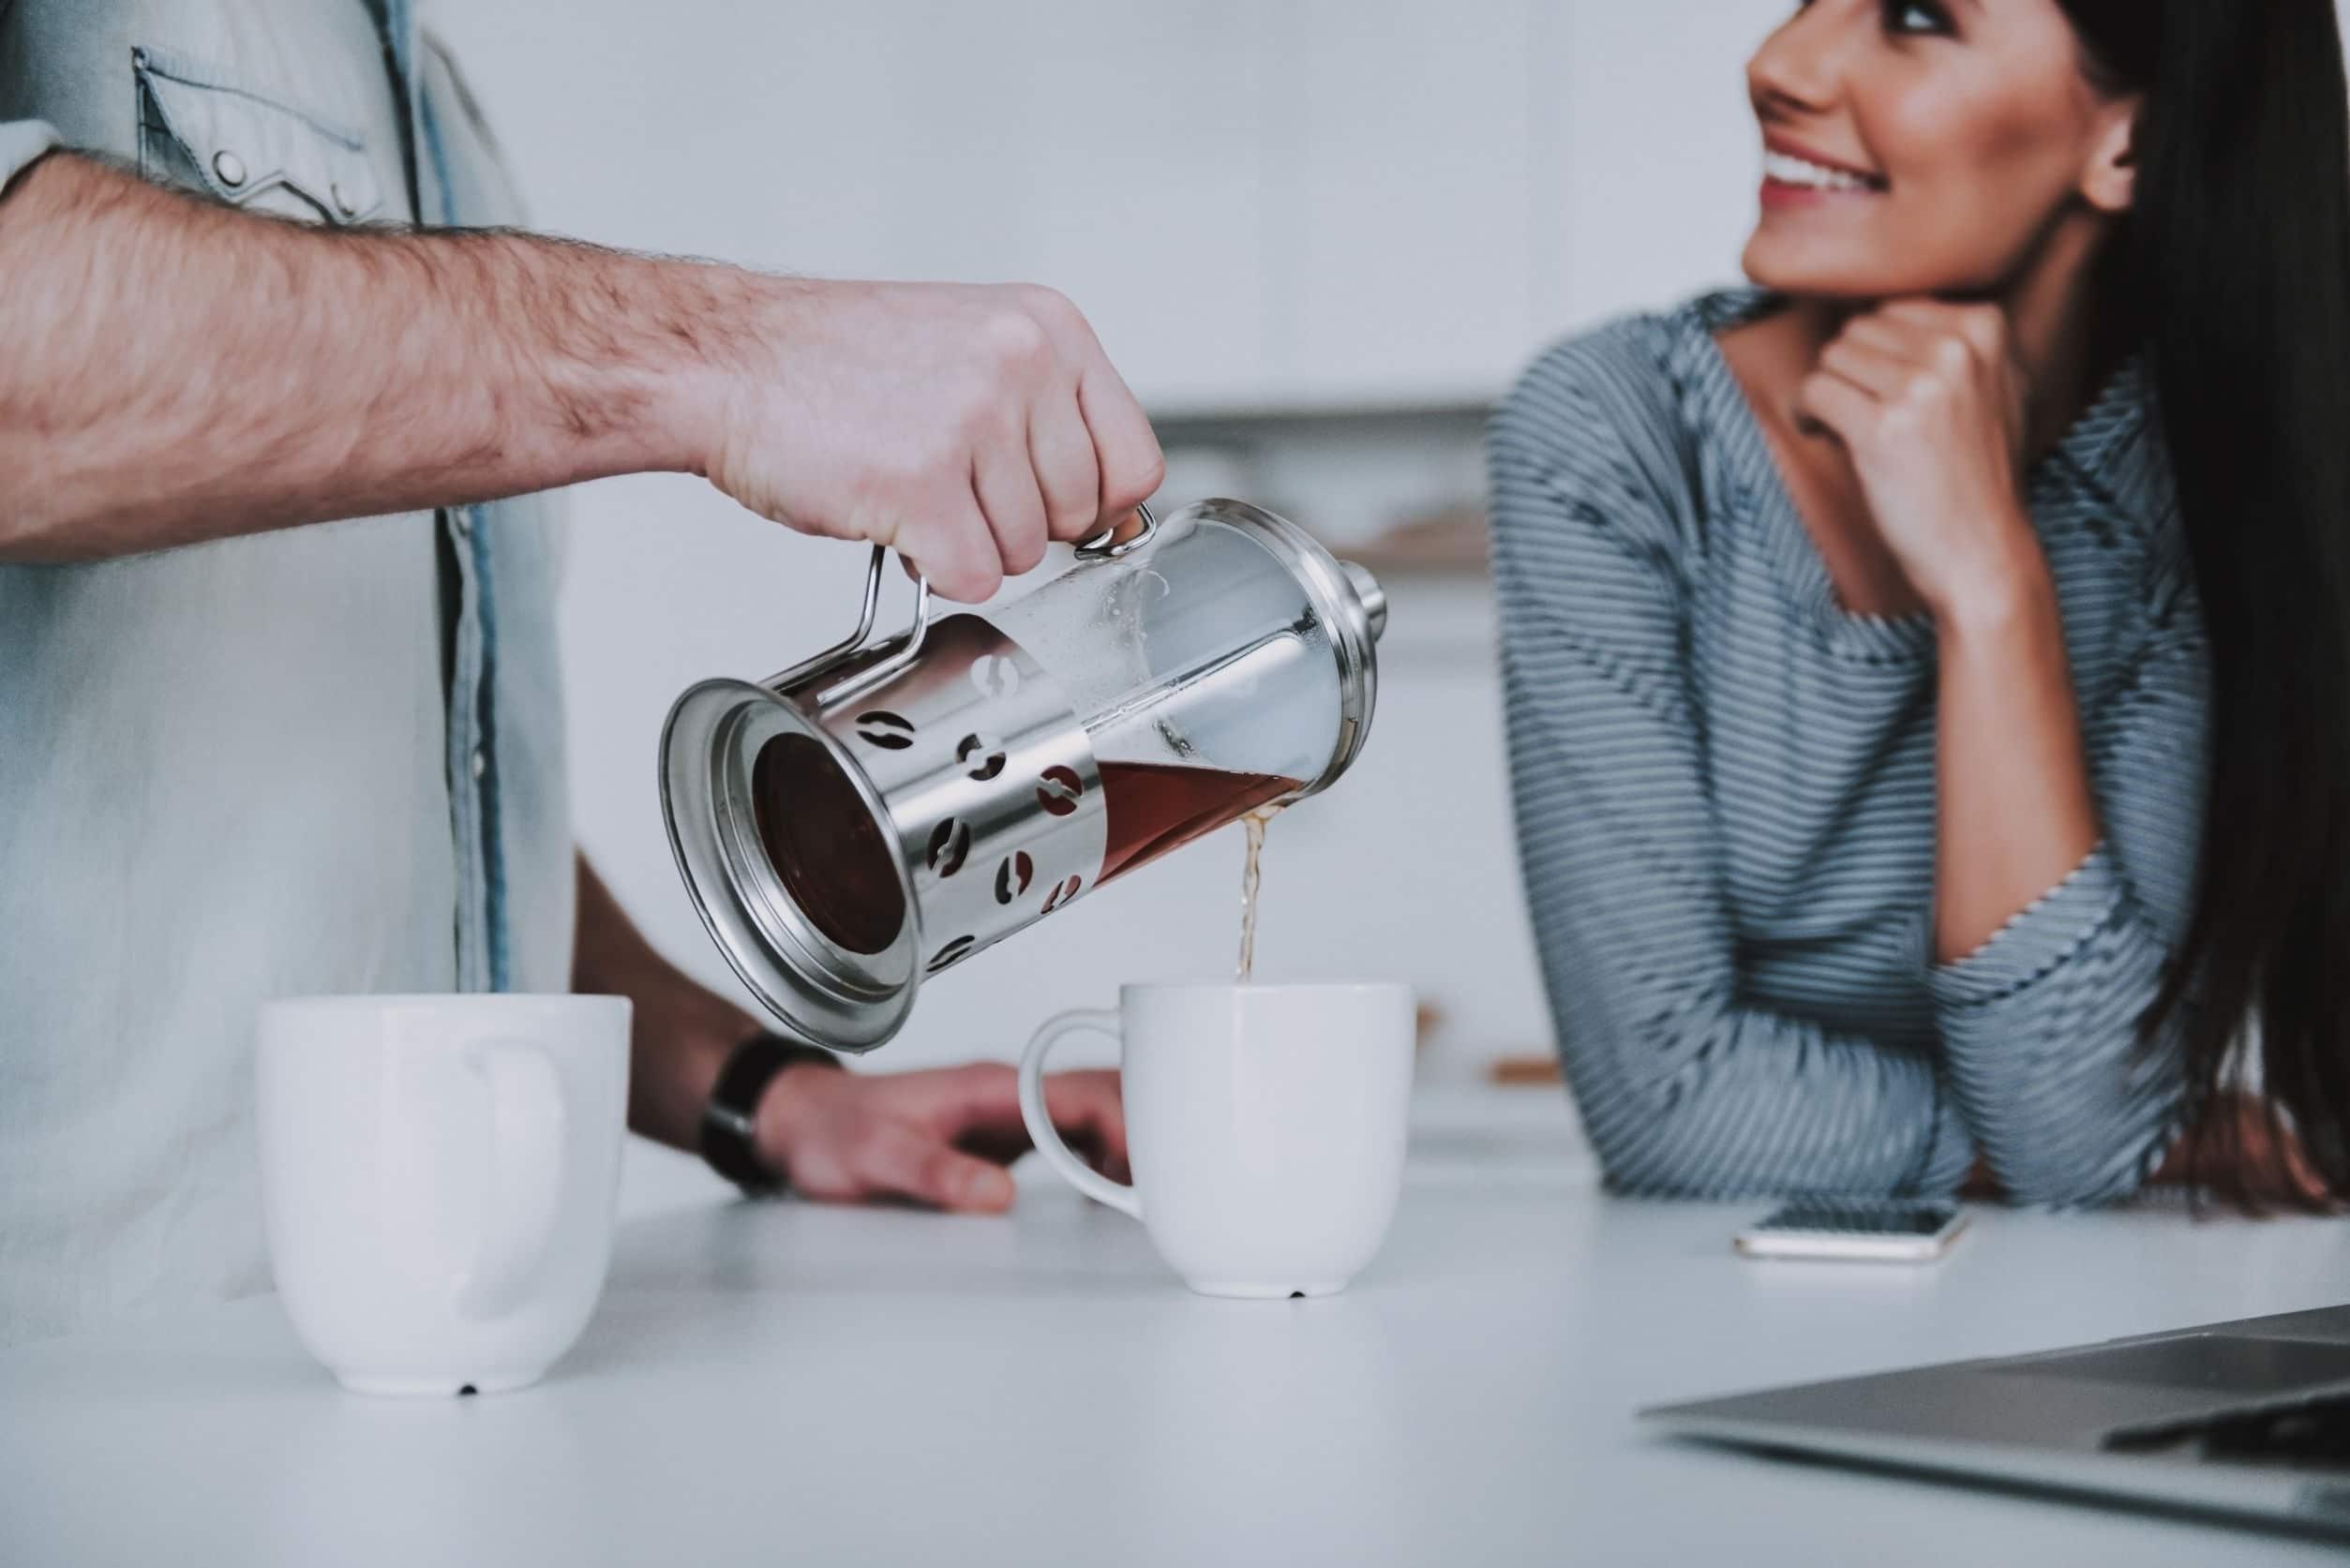 Homem despejando café em uma xícara enquanto uma mulher sorridente o observa.